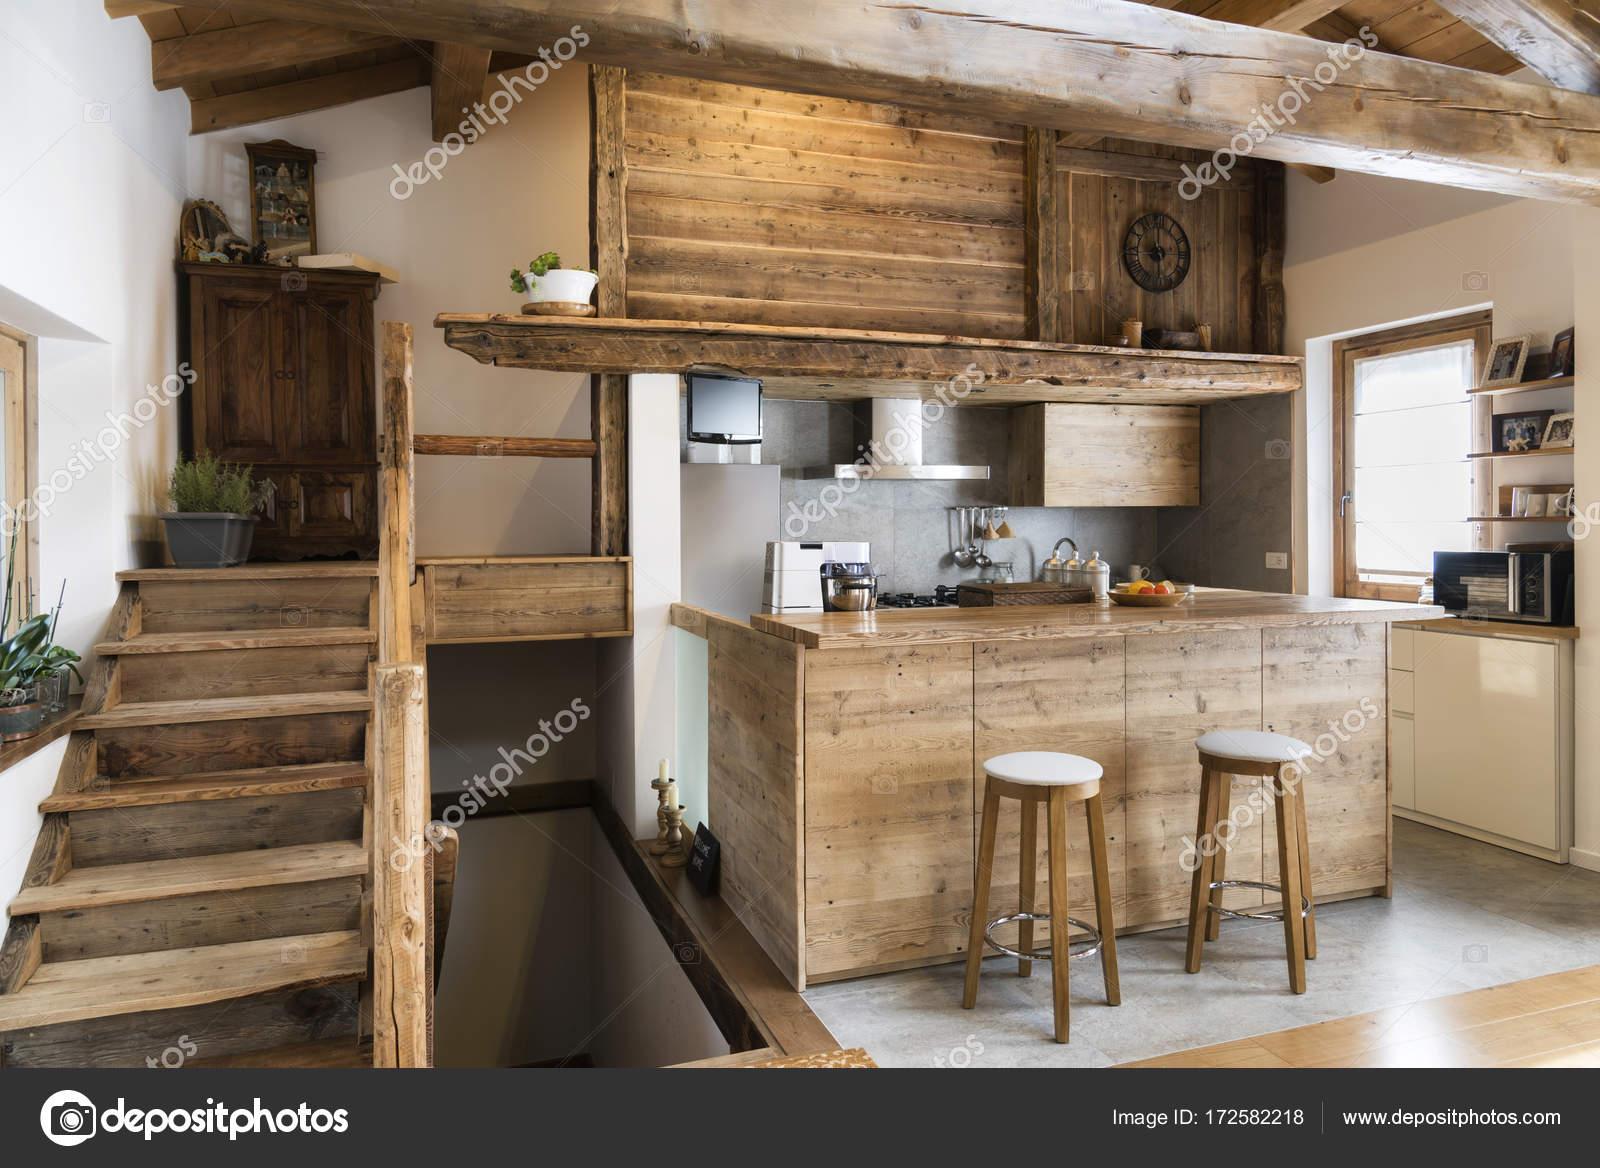 Cuisine En Bois De Style Cottageu2013 Images De Stock Libres De Droits